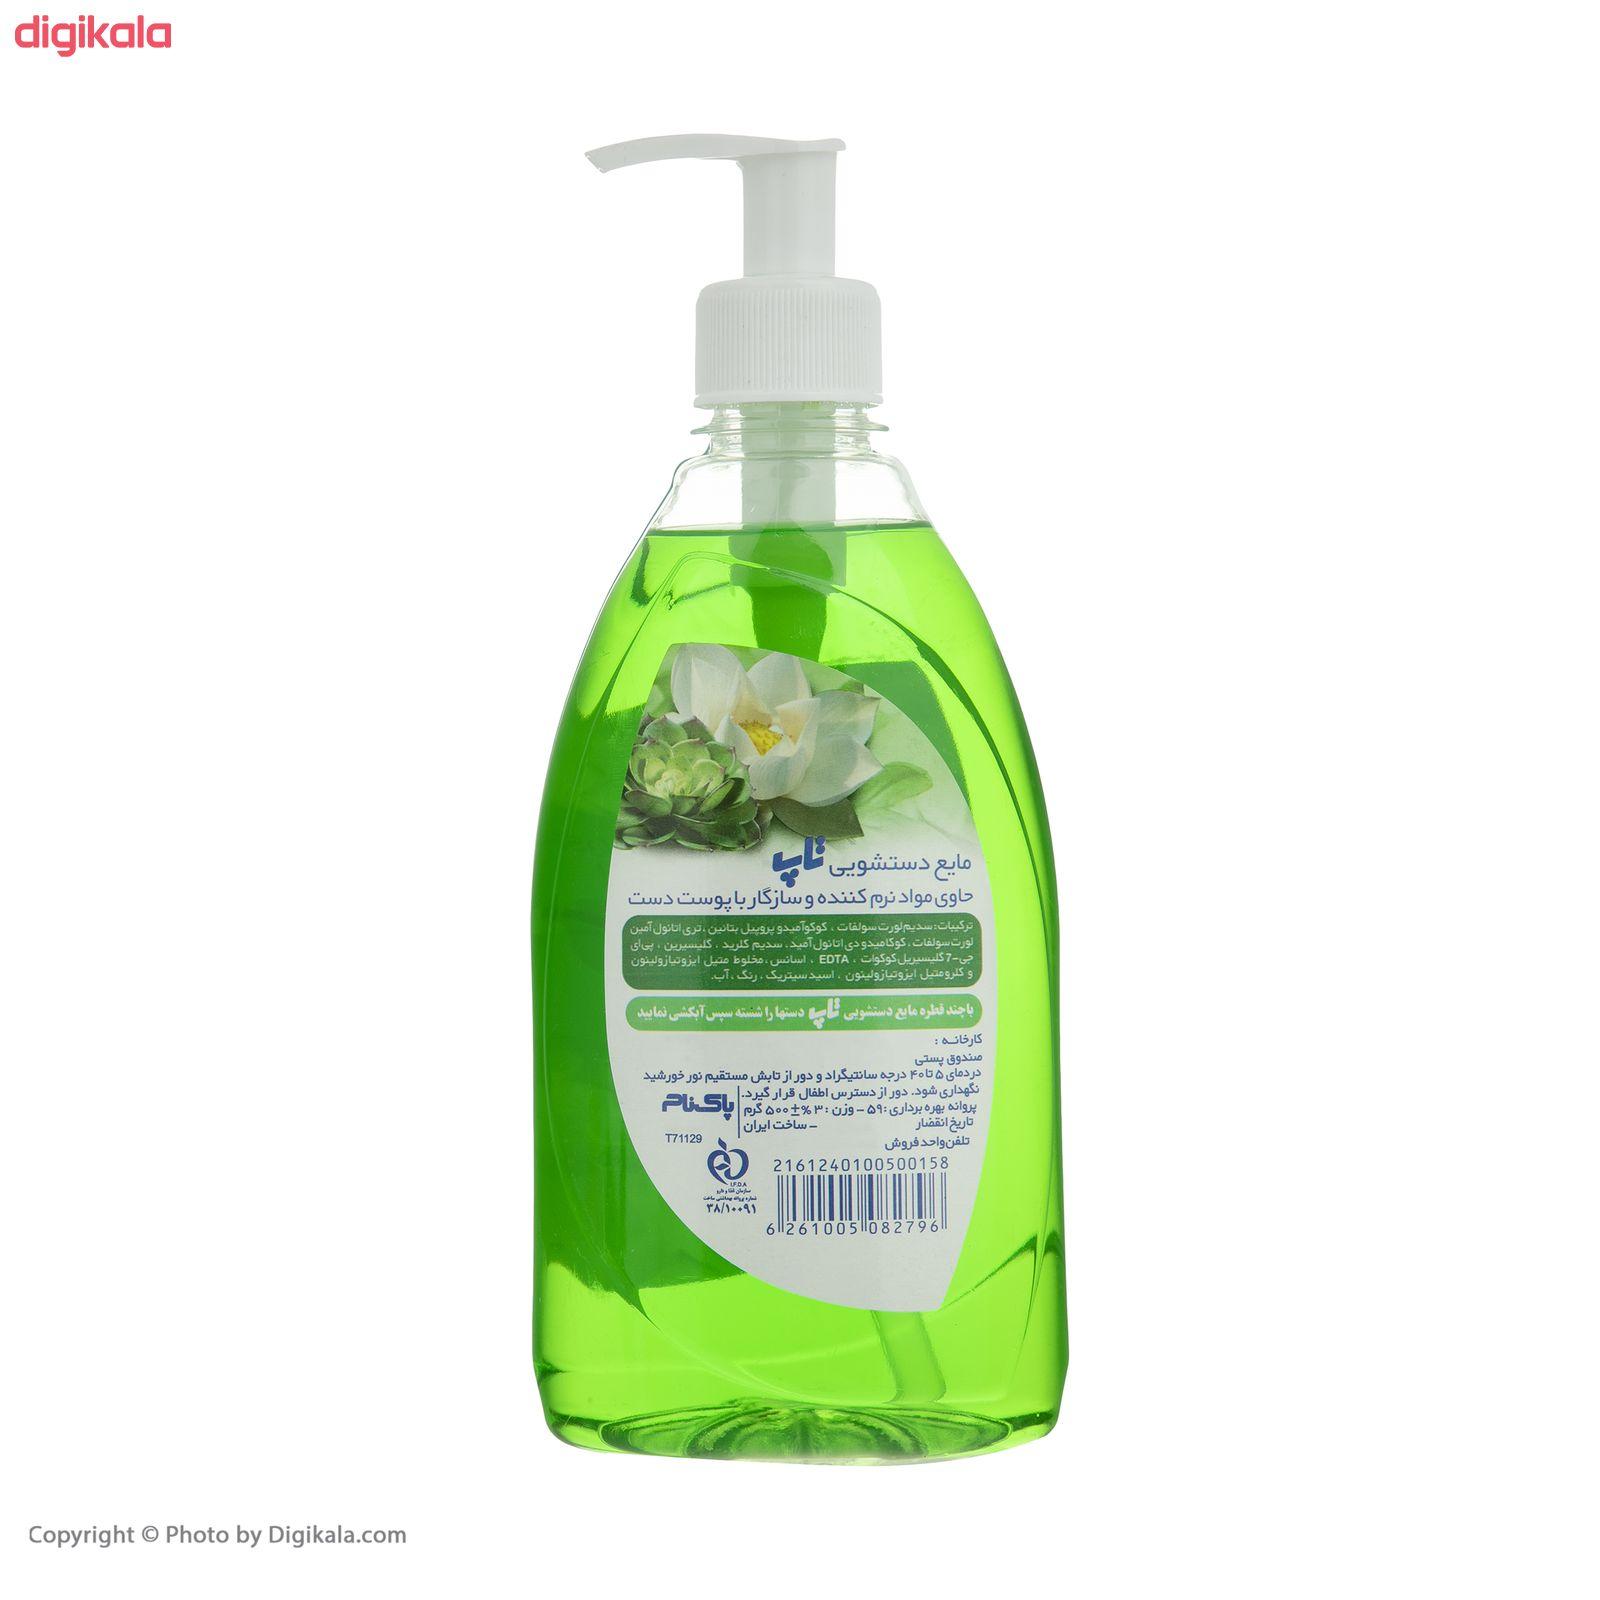 مایع دستشویی تاپ مدل Green مقدار 500 گرم main 1 1